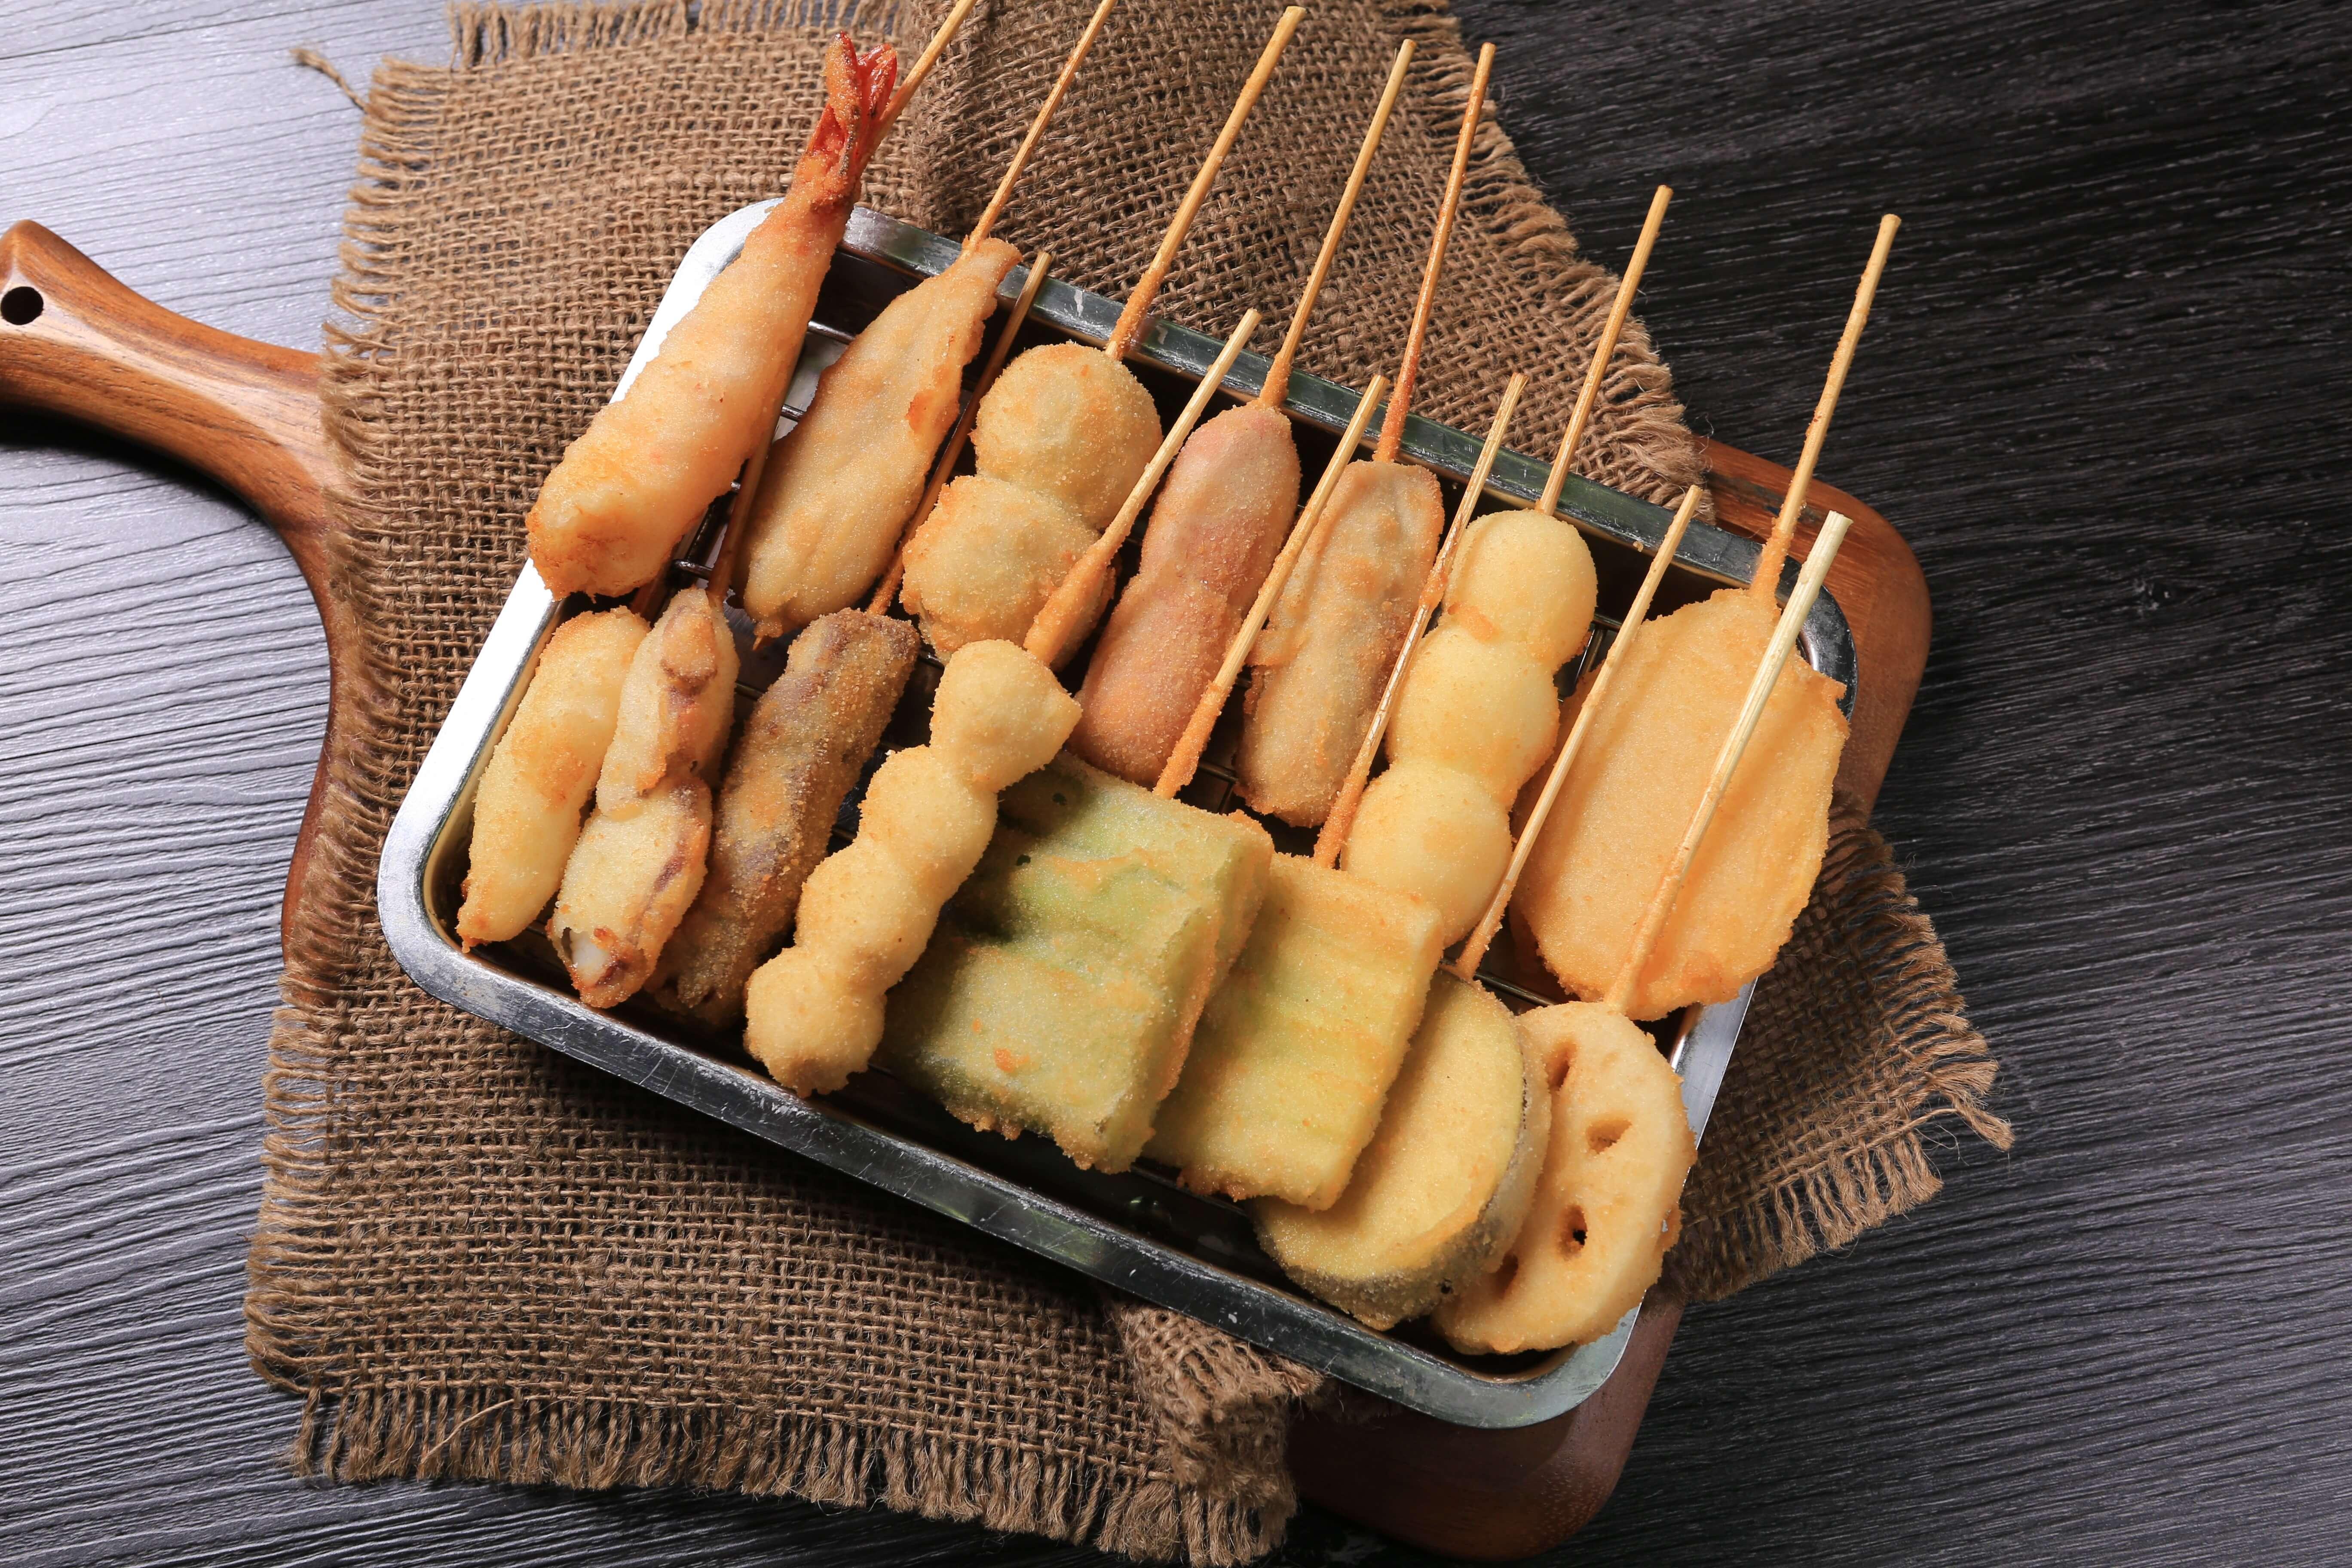 満マル,居酒屋,日本食,おすすめ,レストラン,ホーチミン